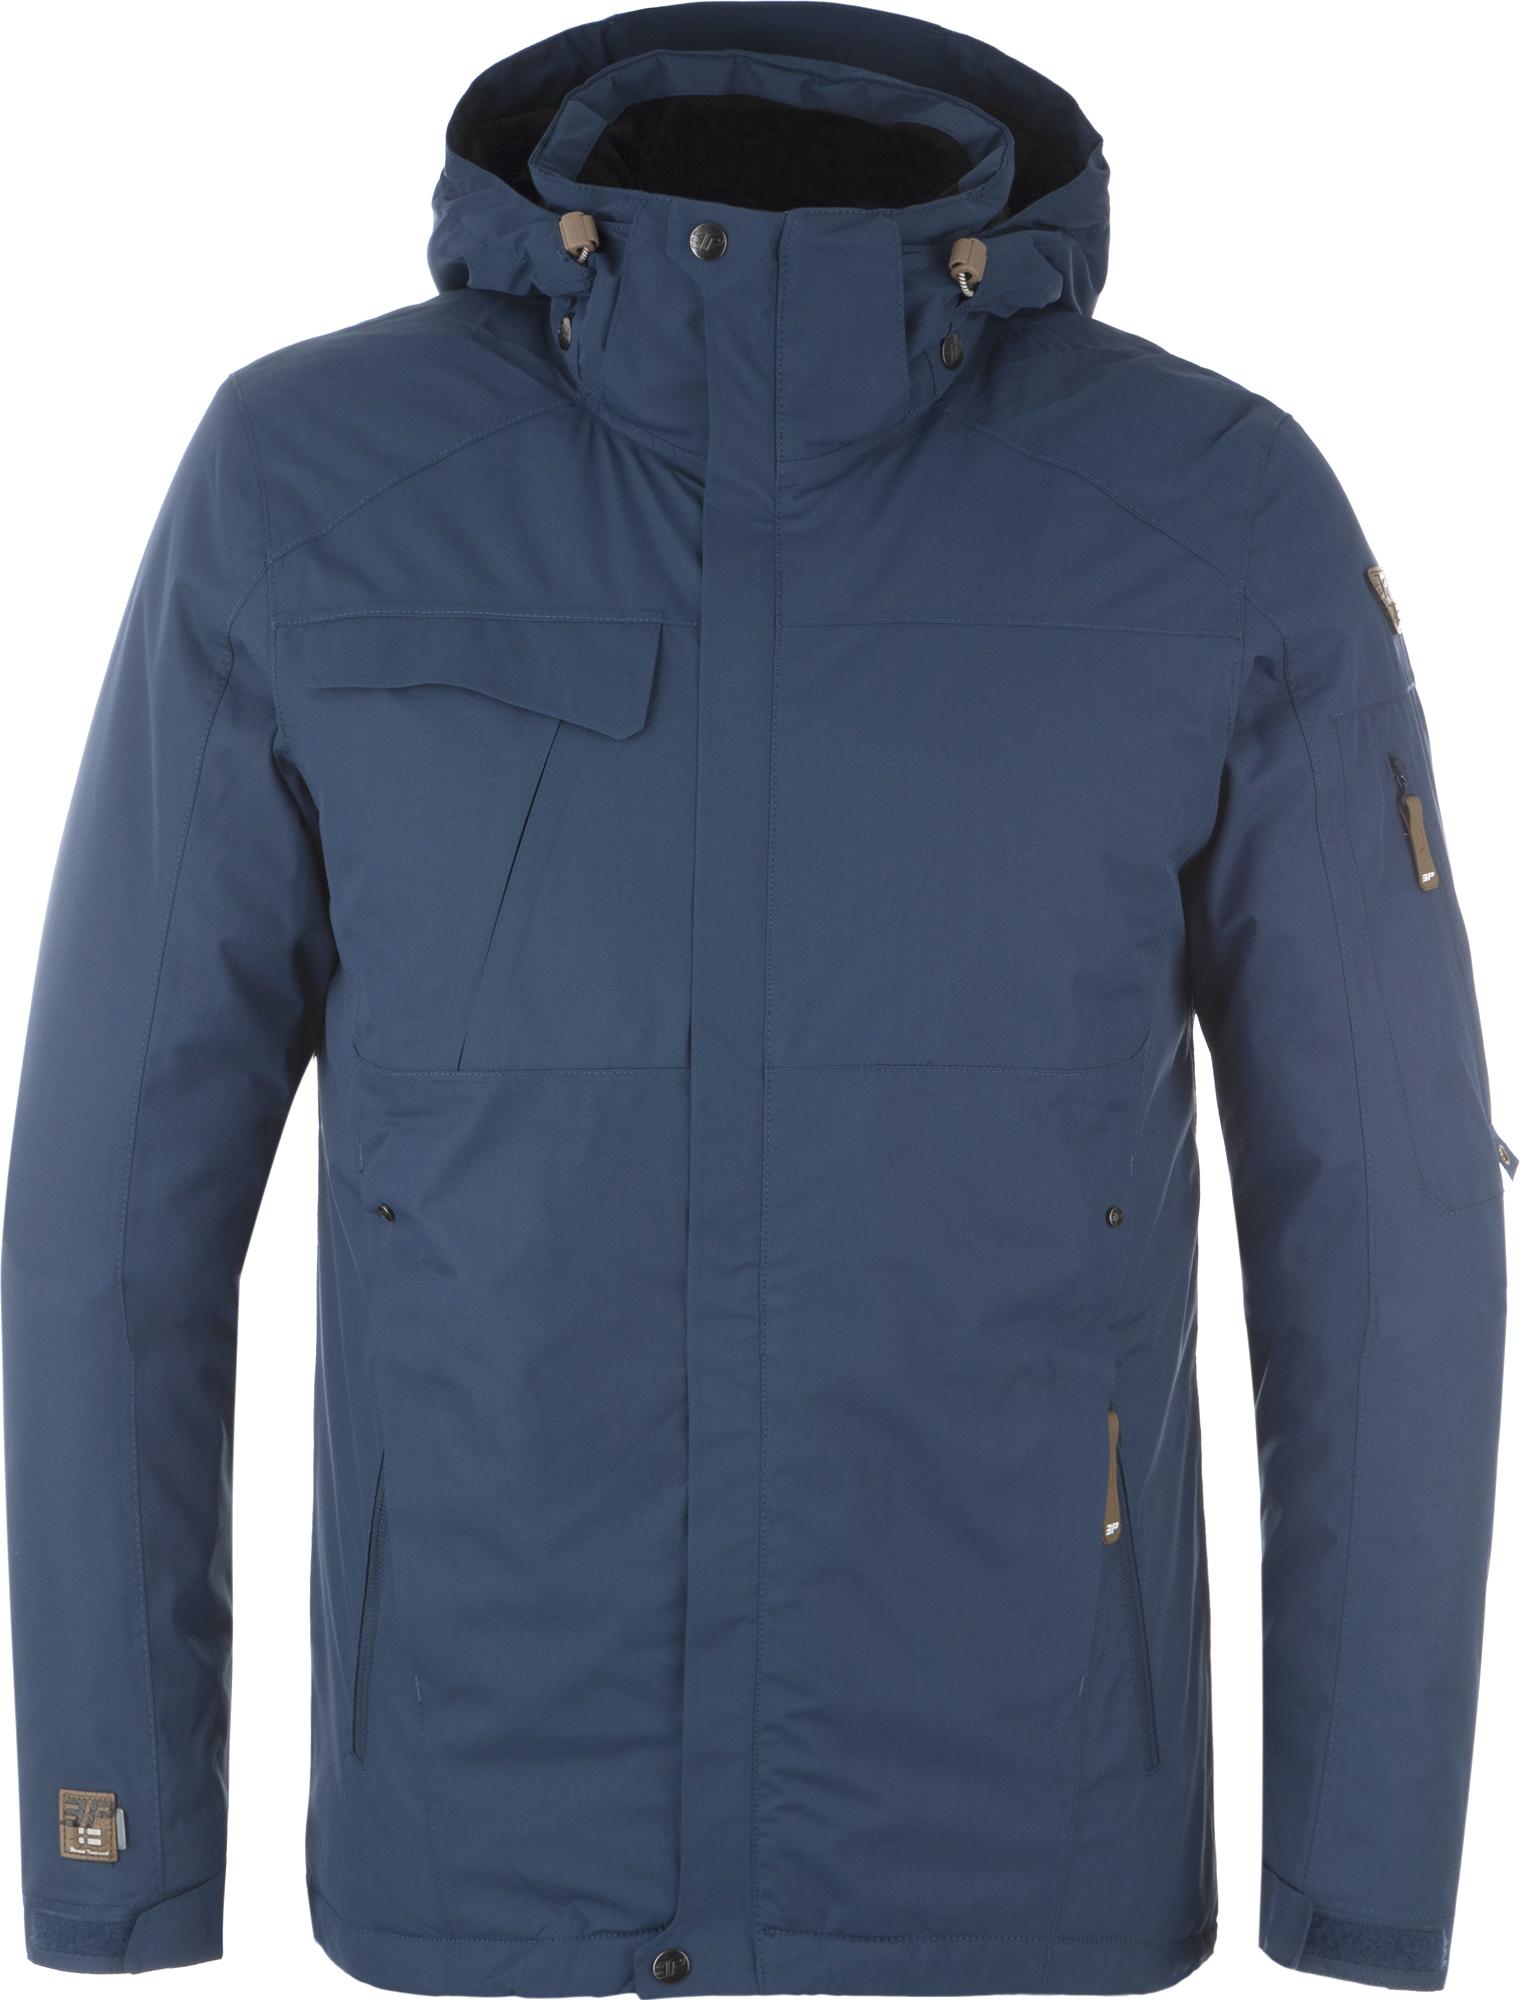 купить IcePeak Куртка утепленная мужская IcePeak Varius дешево